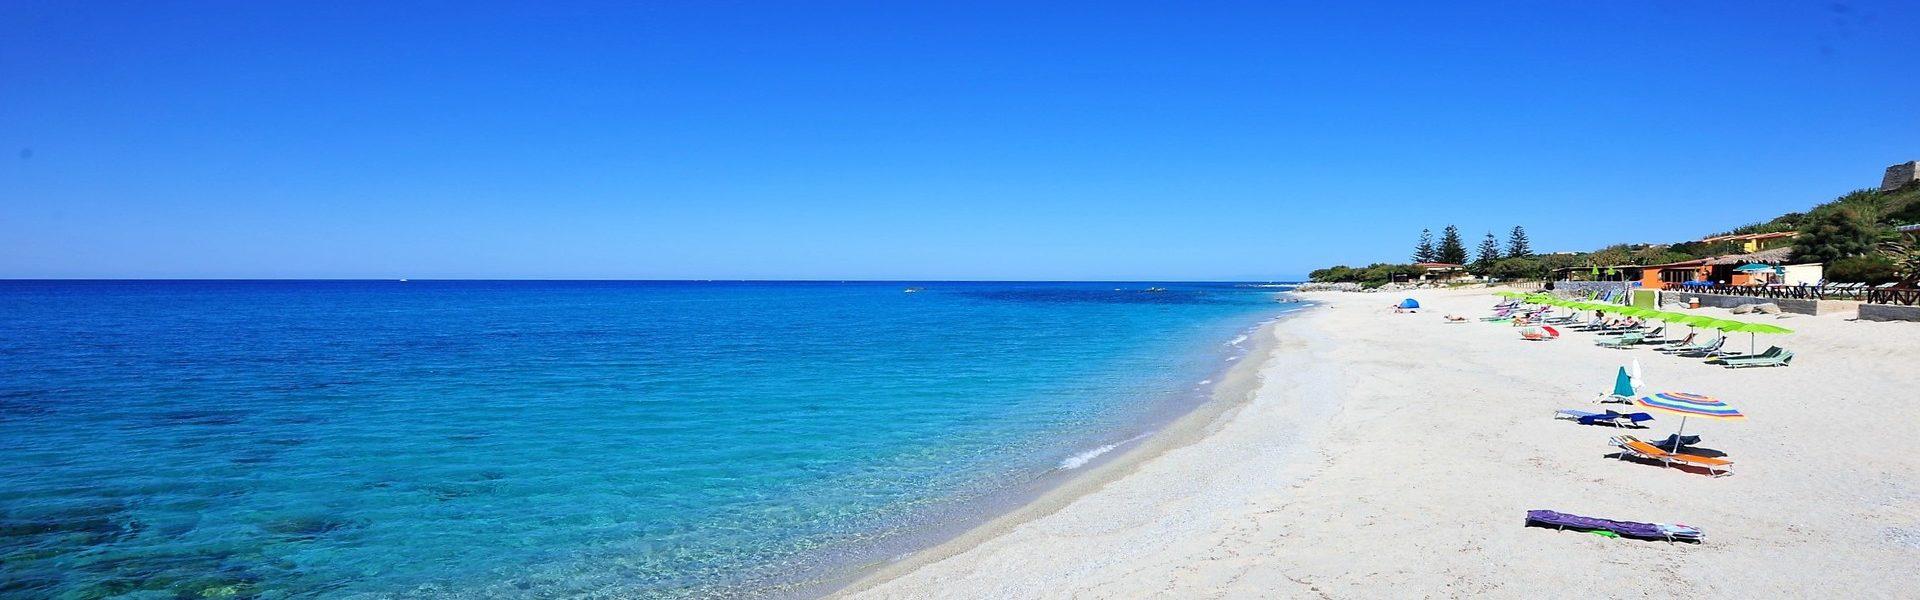 spiaggia 1920x900